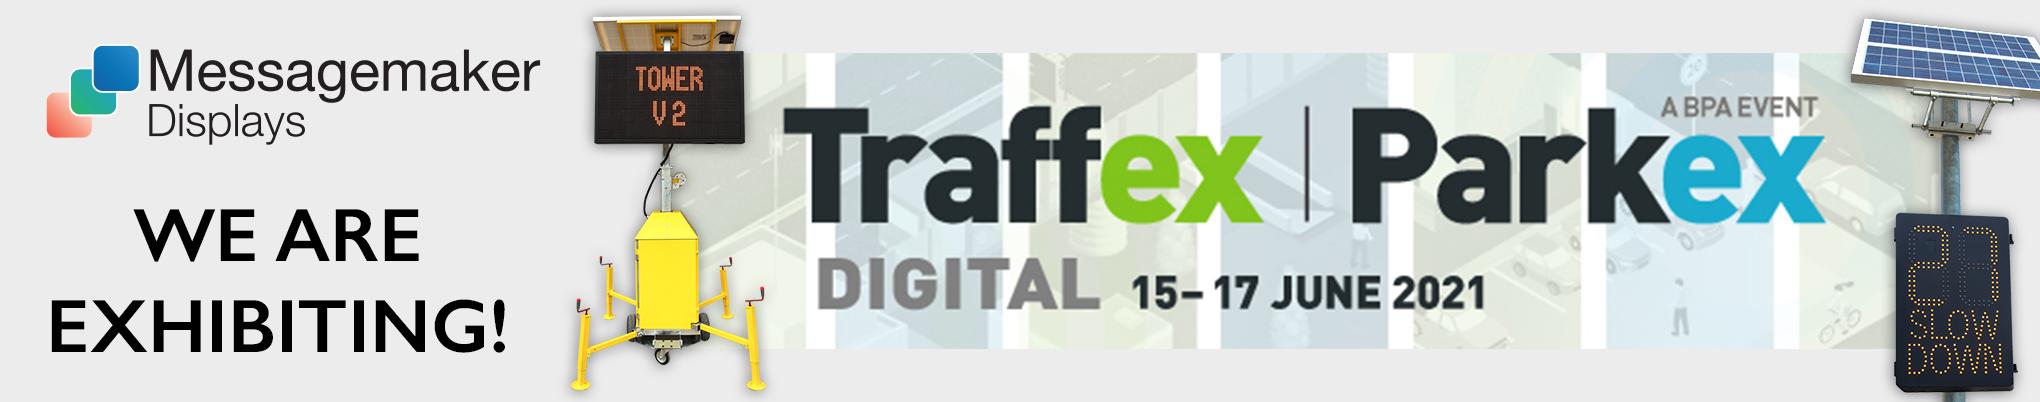 Traffex Parkex 2021 Banner